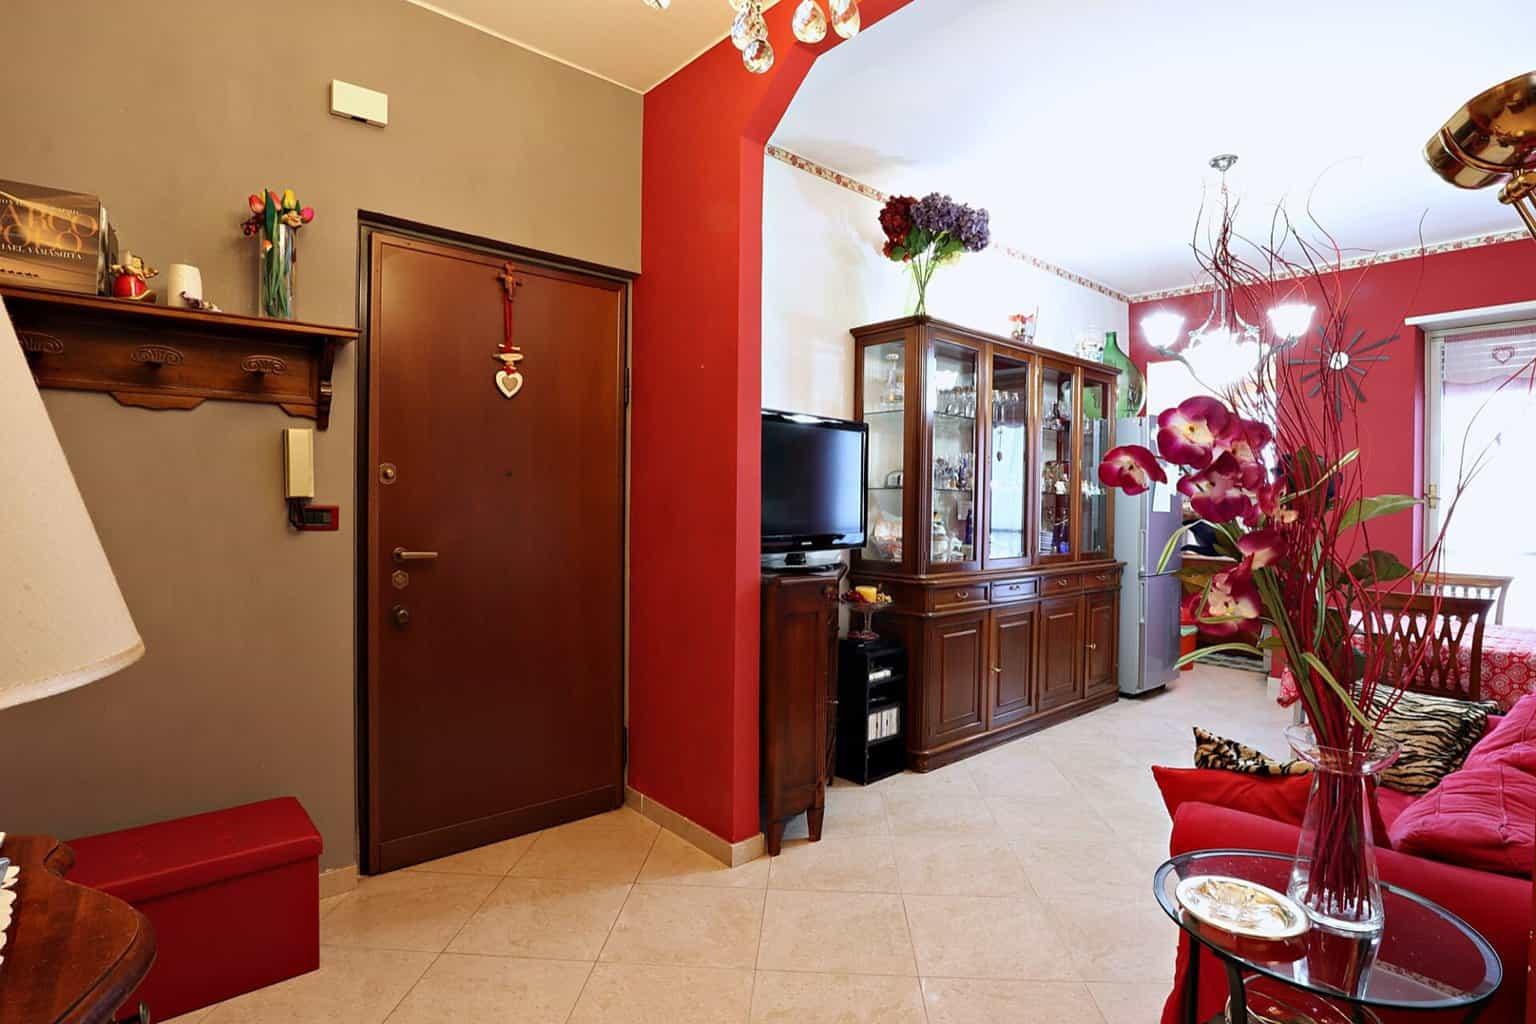 Appartamento piazza Toti n.15 – Vanchiglietta Torino